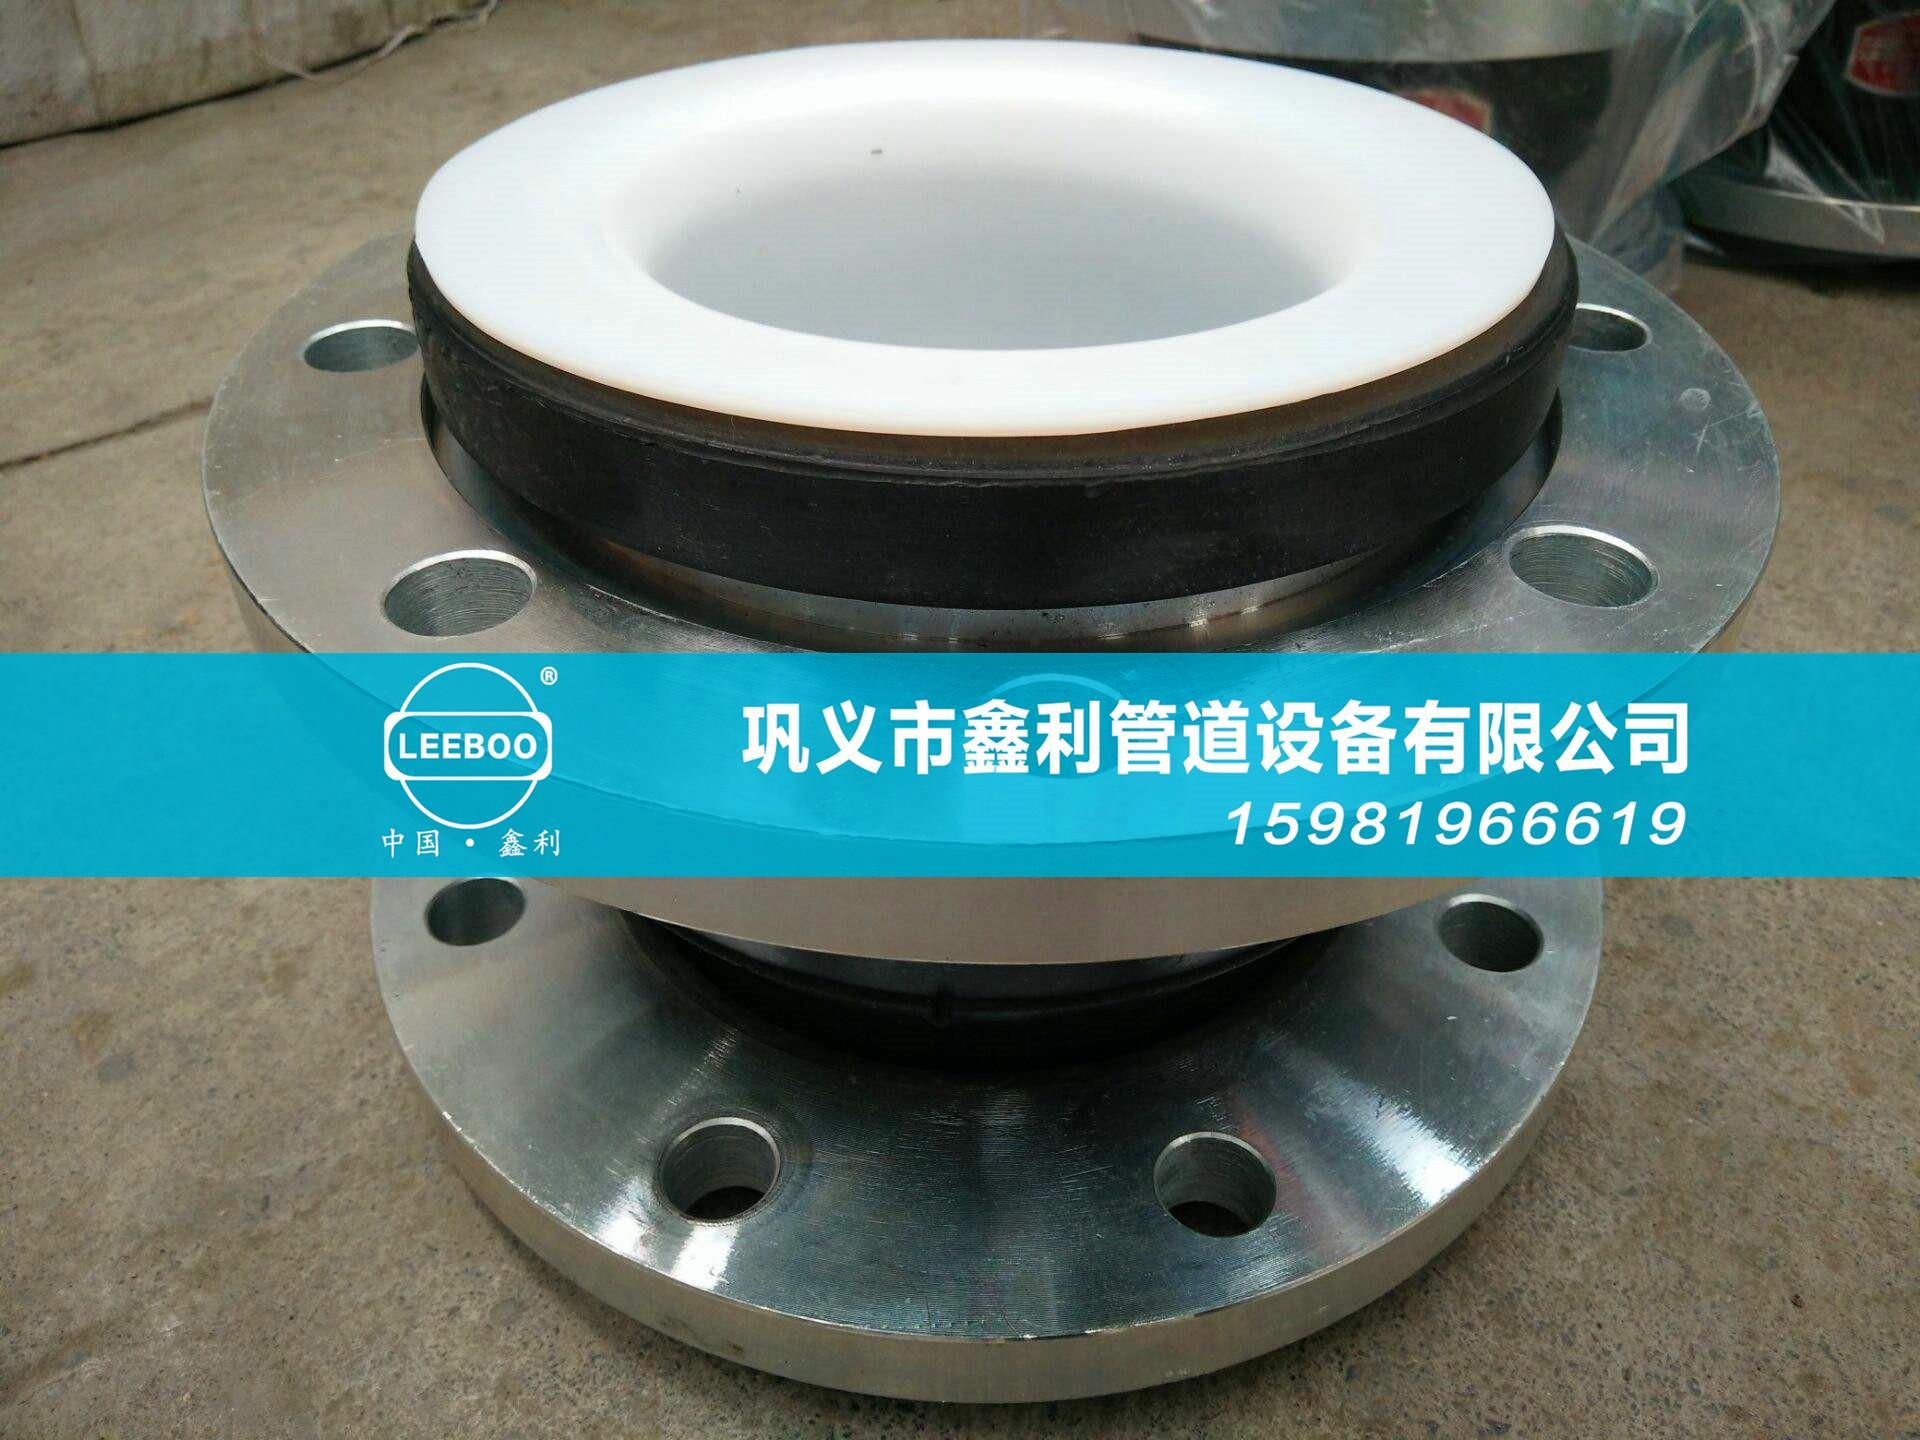 碳钢法兰在橡胶接头中的重要作用